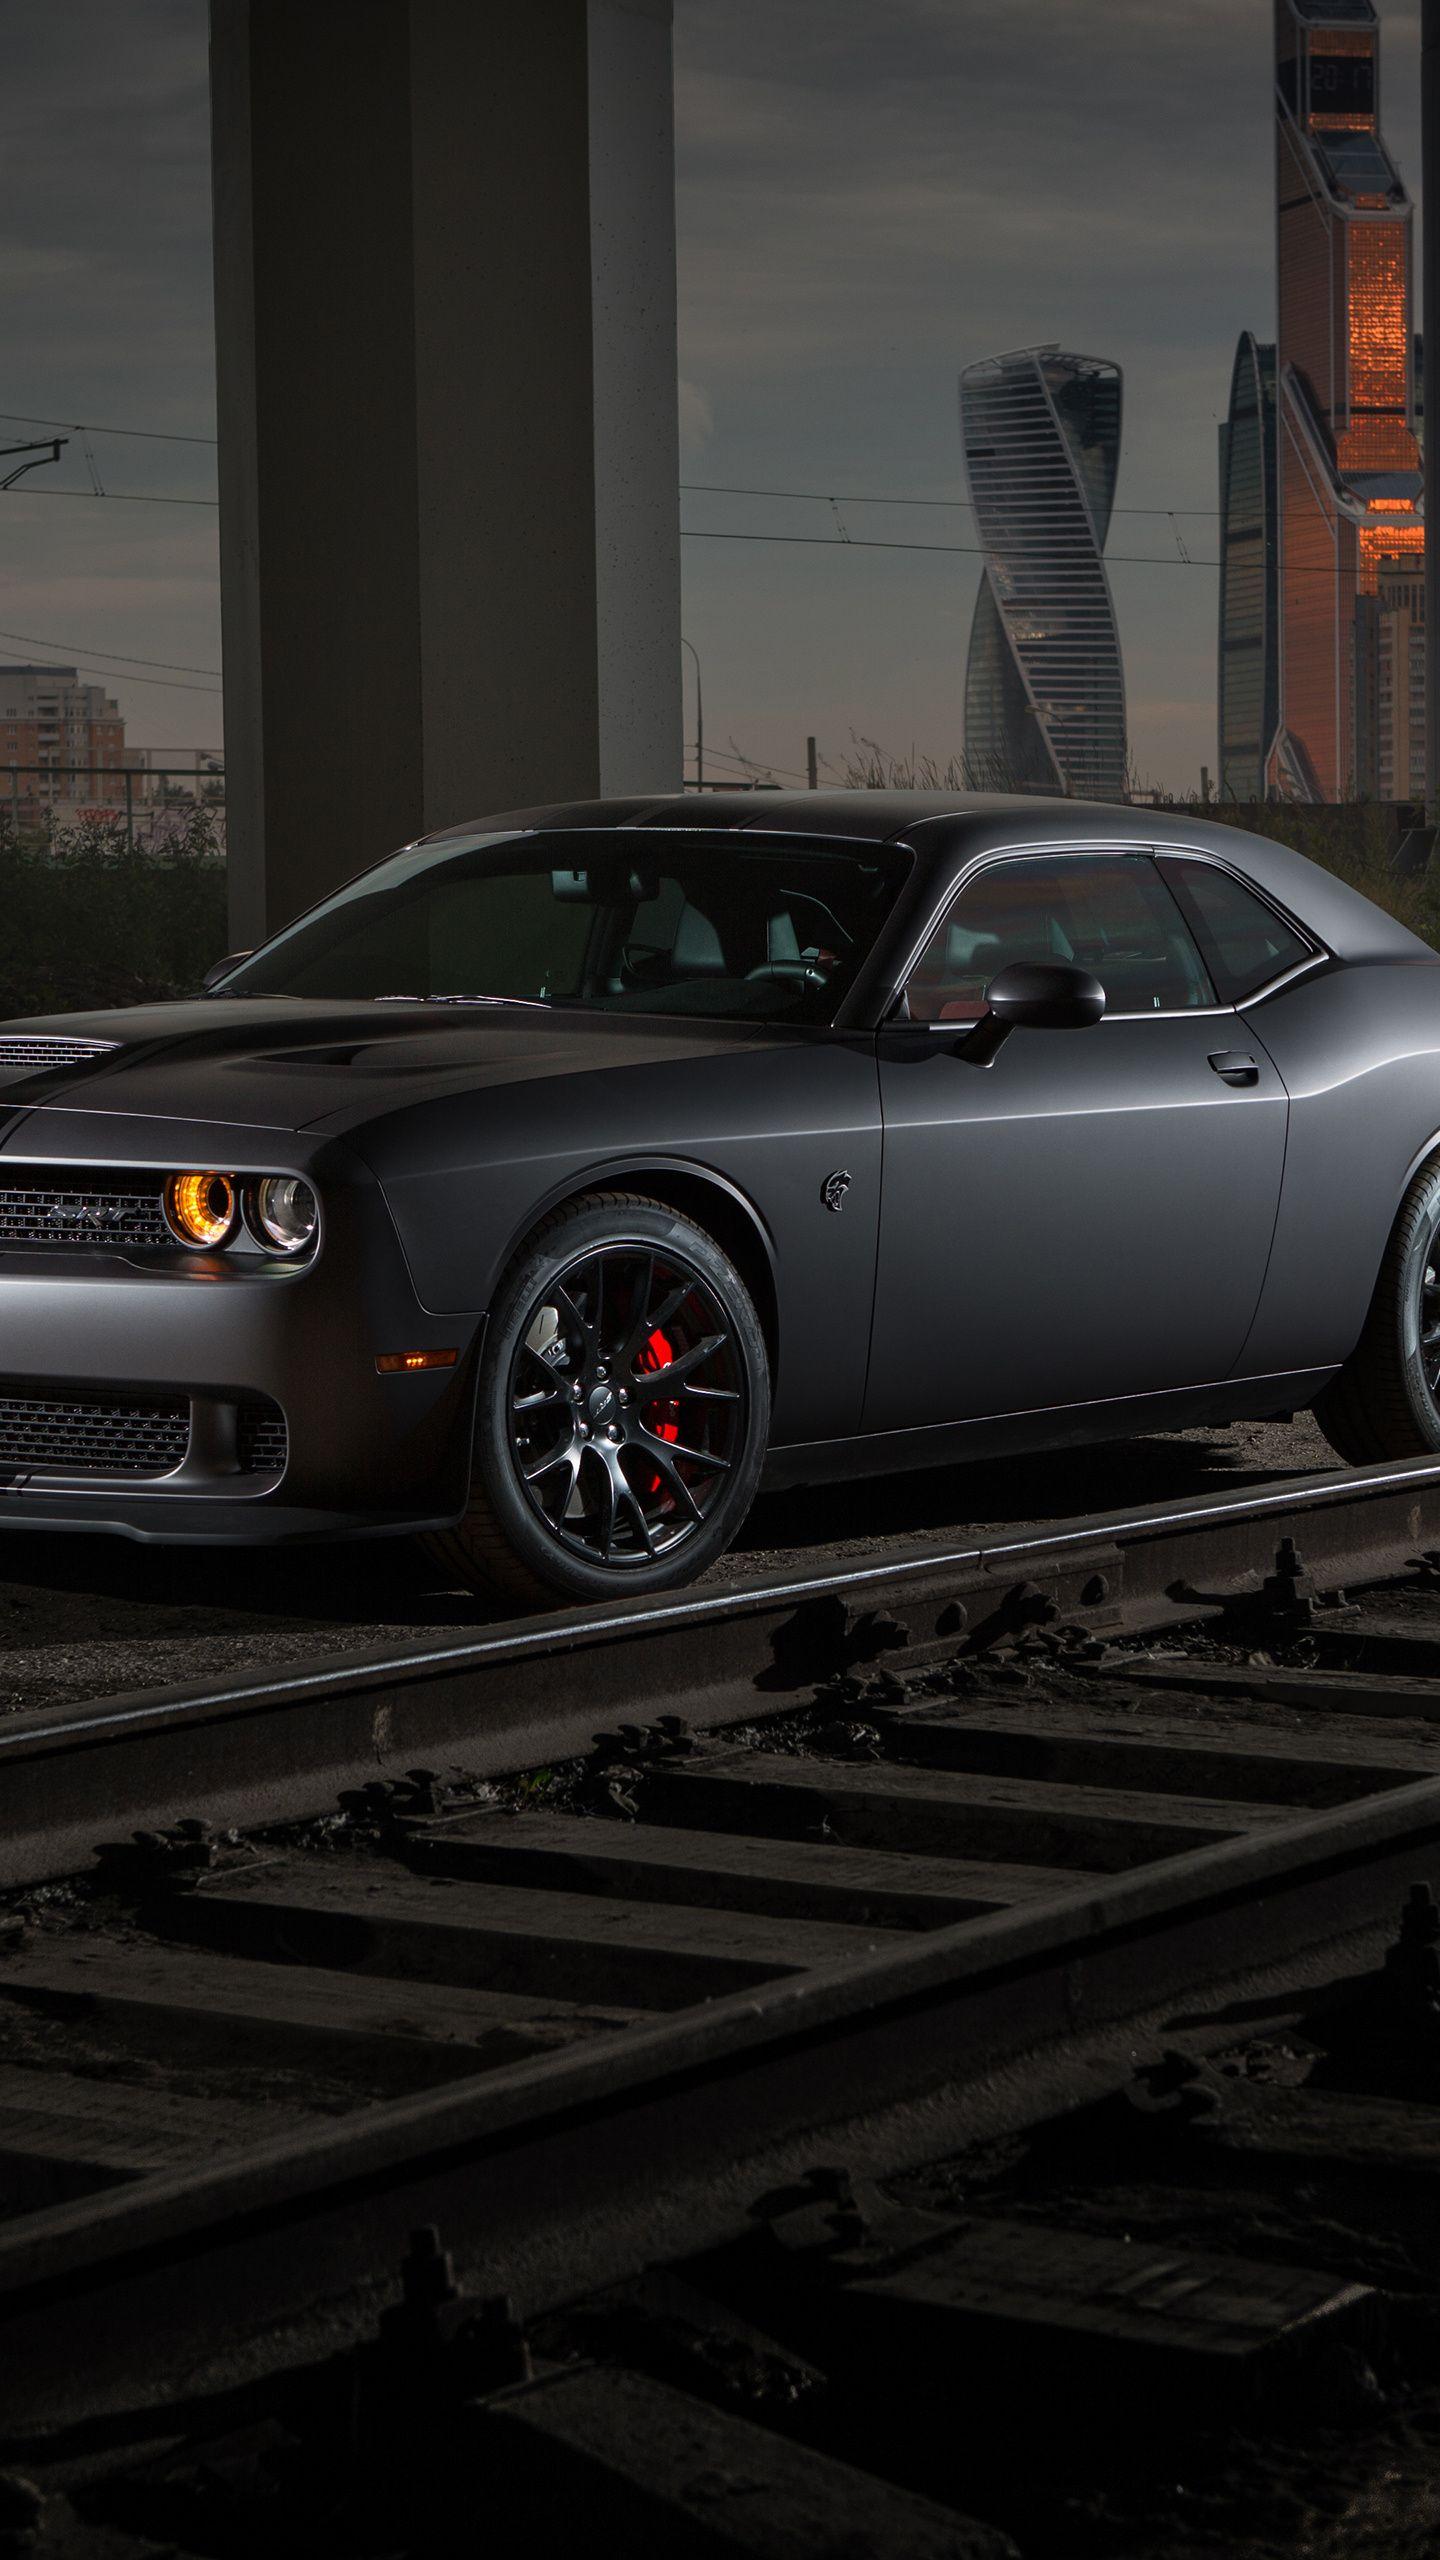 76 Dodge Challenger : dodge, challenger, Dodge, Challenger, Ideas, Challenger,, Dodge,